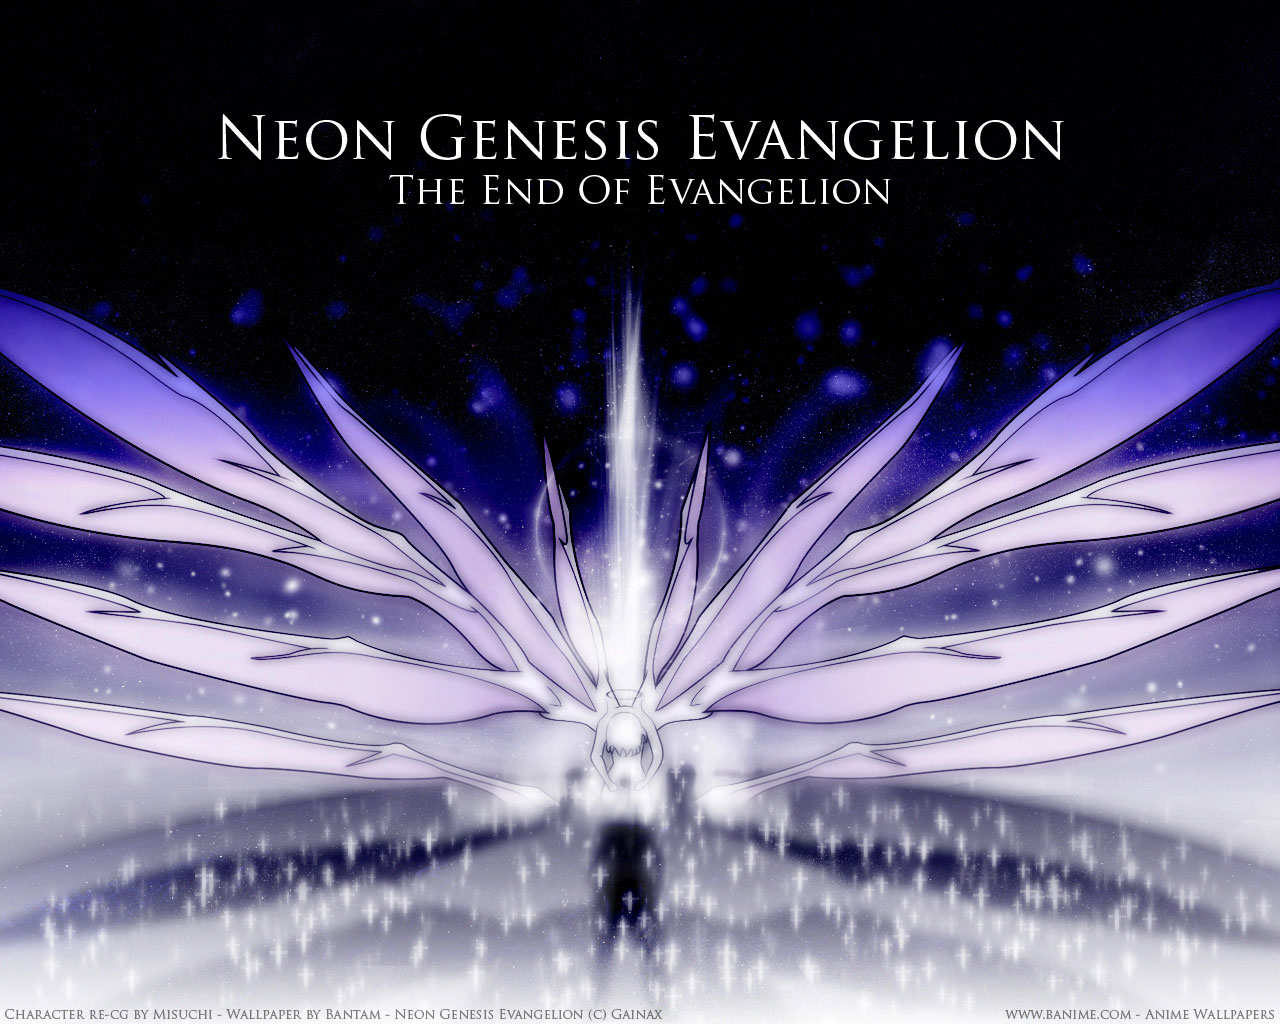 http://4.bp.blogspot.com/--937WGAShCA/UPGzdicqe4I/AAAAAAAAAd8/HjqArFa6_fA/s1600/Neon-Genesis-Evangelion-End-Of-Evangelion-New-Hd-Wallpaper-.jpg